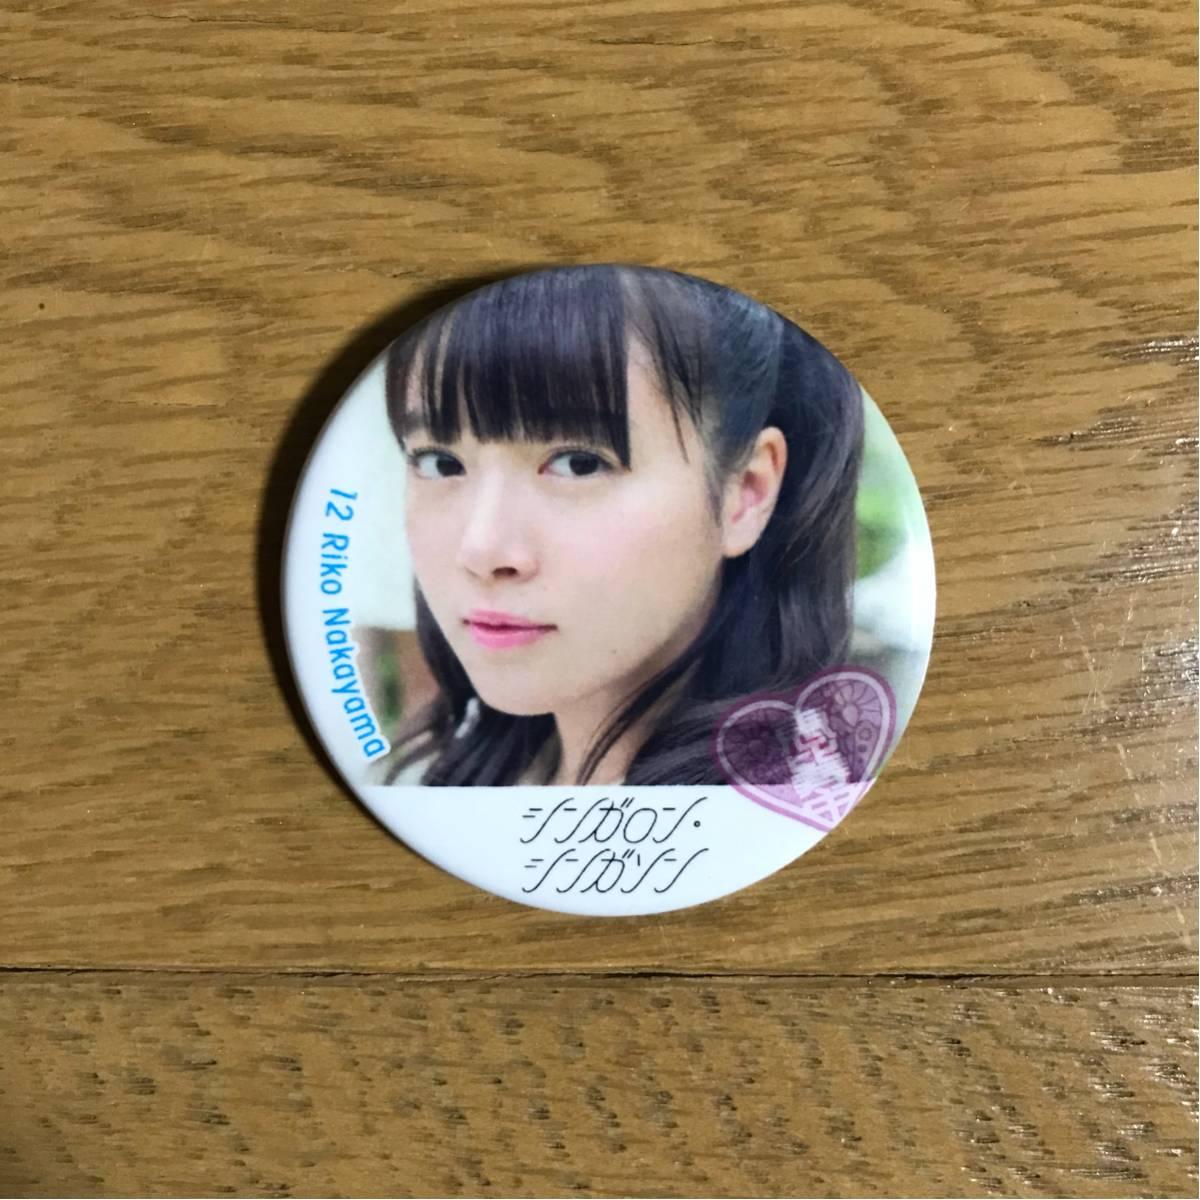 私立恵比寿中学 シンガロン・シンガソン 中山莉子 缶バッジ エビ中 ライブグッズの画像